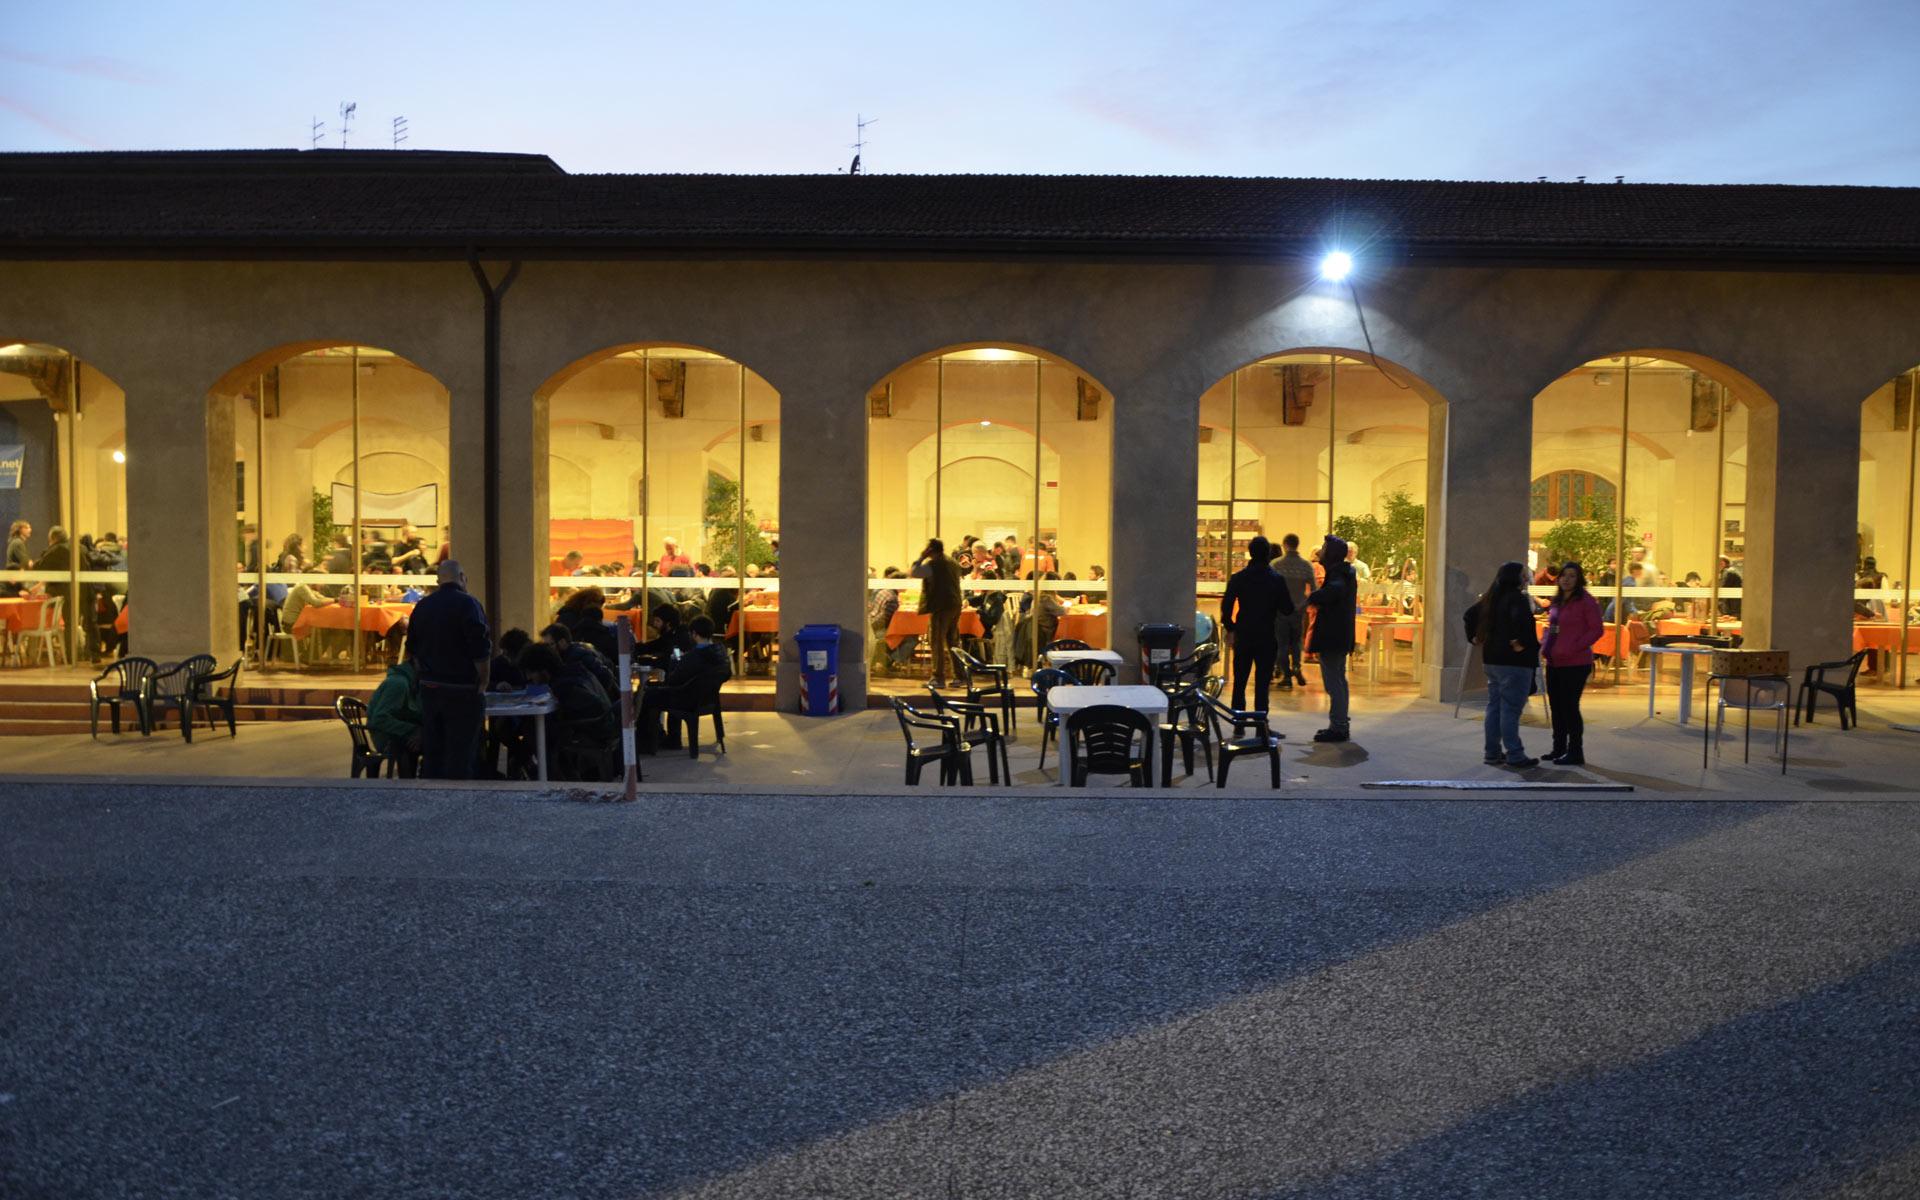 PisaCon 2017 Stazione Leopolda Pisa